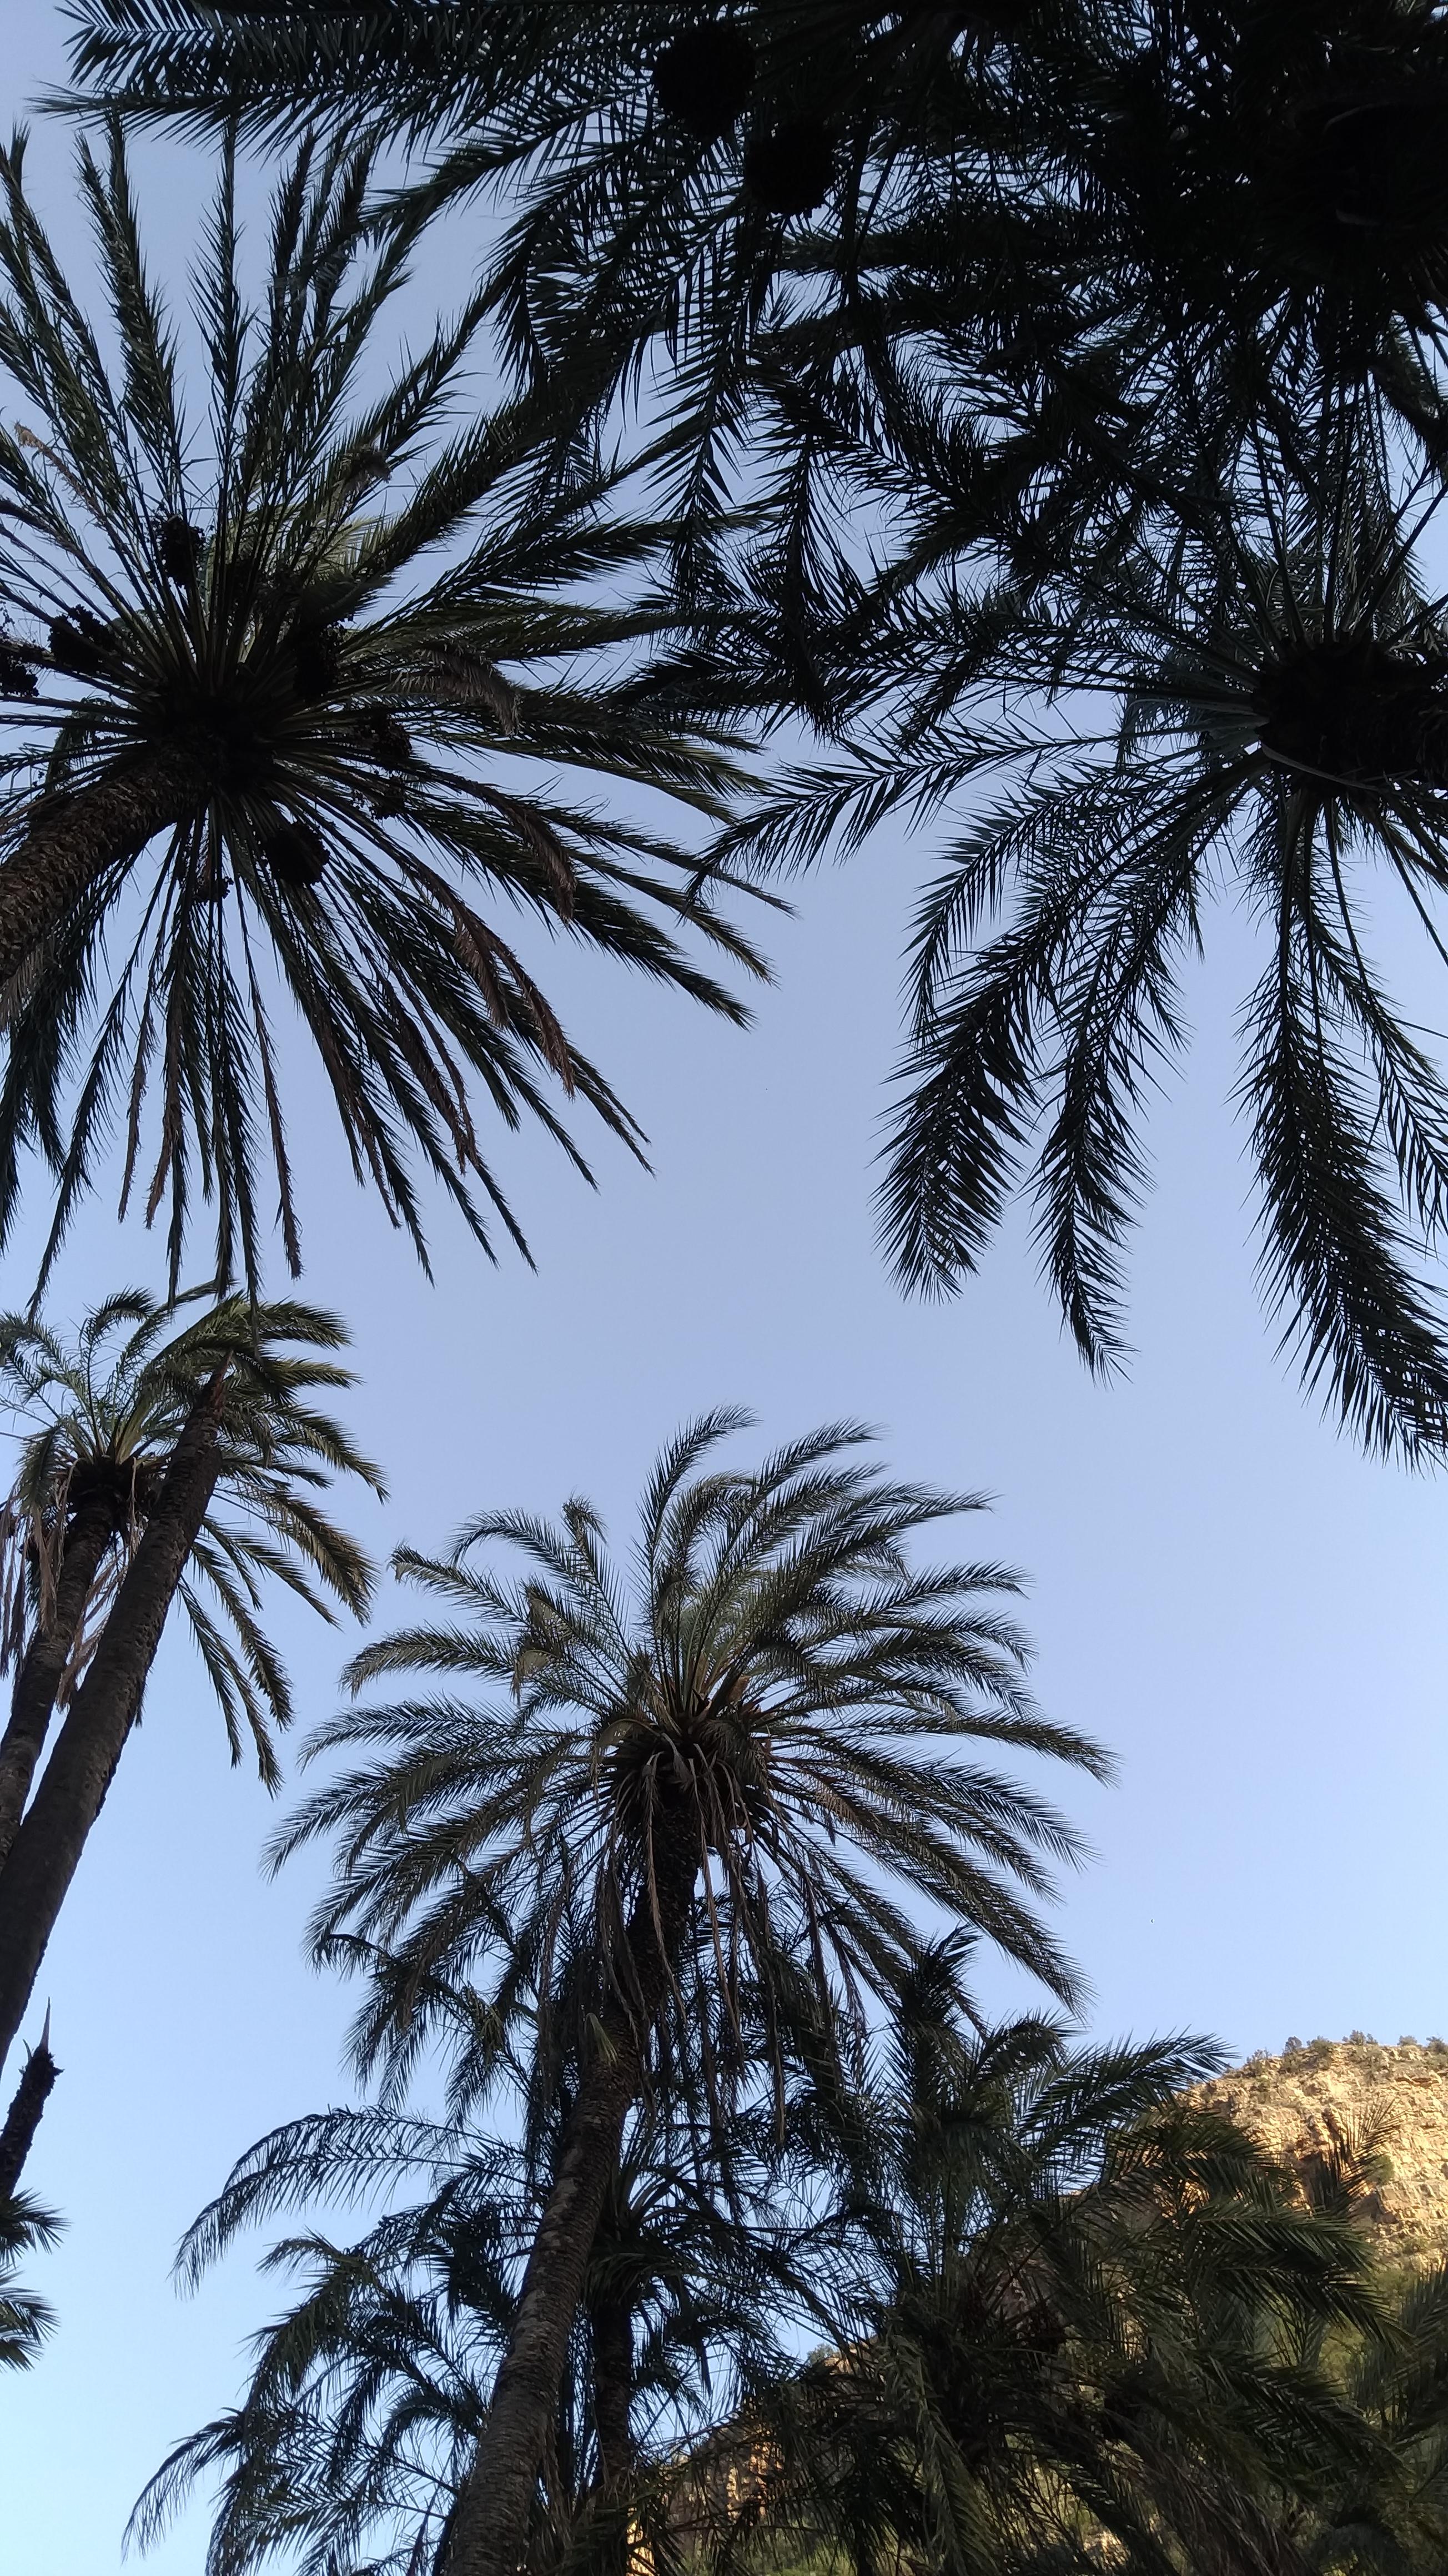 La Marrakech dei giardini. Proprio così, la città marocchina è ricca di verde.